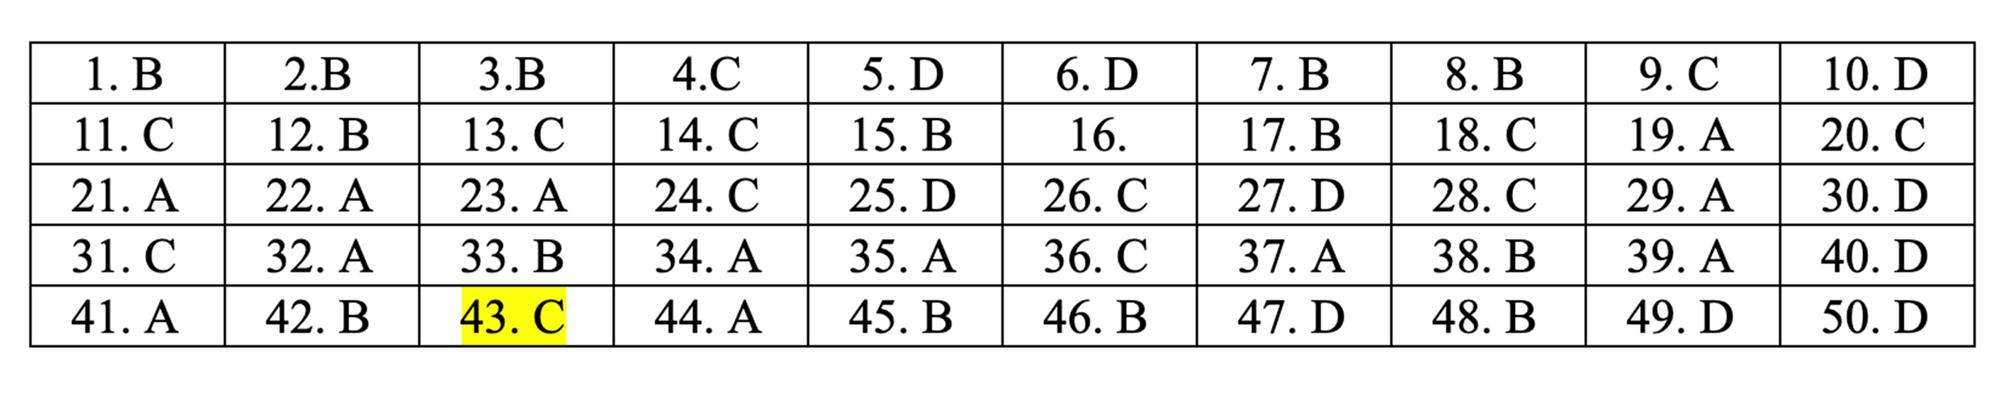 Đáp án tham khảo môn Toán thi THPT quốc gia 2019 tất cả mã đề-21